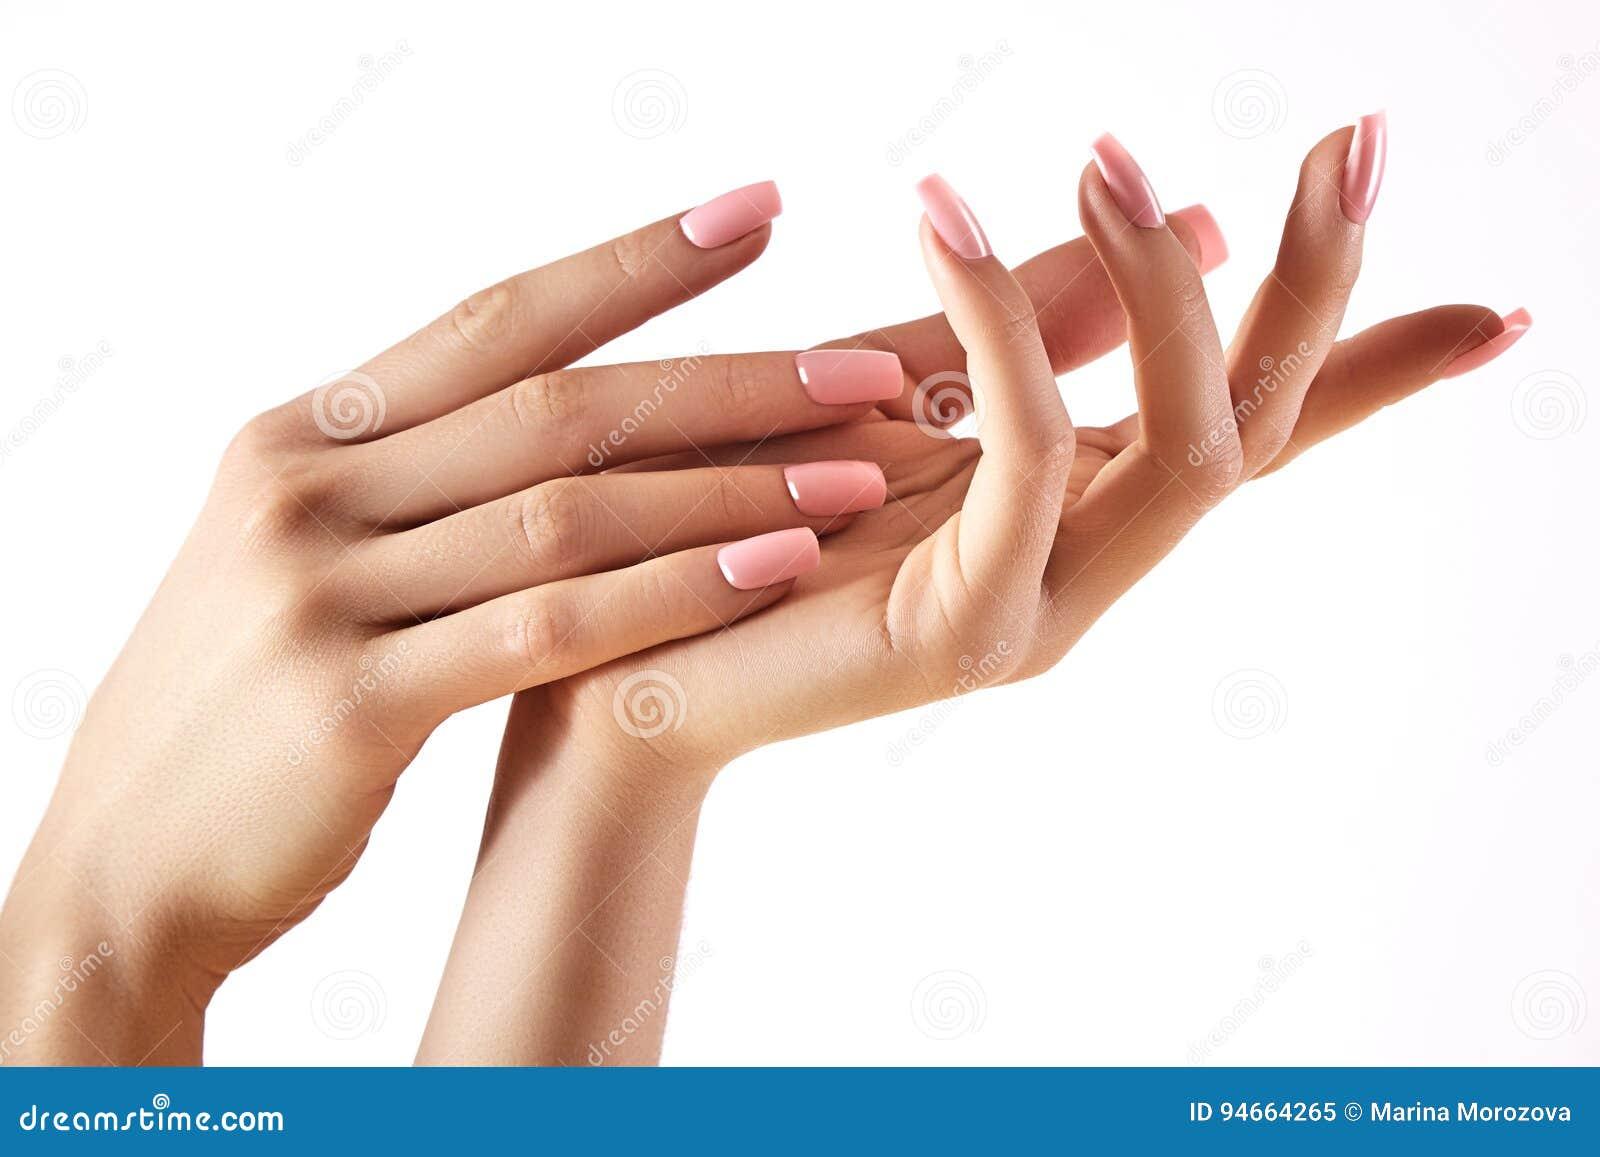 Όμορφα χέρια γυναικών ` s στο ελαφρύ υπόβαθρο Προσοχή για το χέρι Τρυφερός φοίνικας Φυσικό μανικιούρ, καθαρό δέρμα ροζ καρφιών